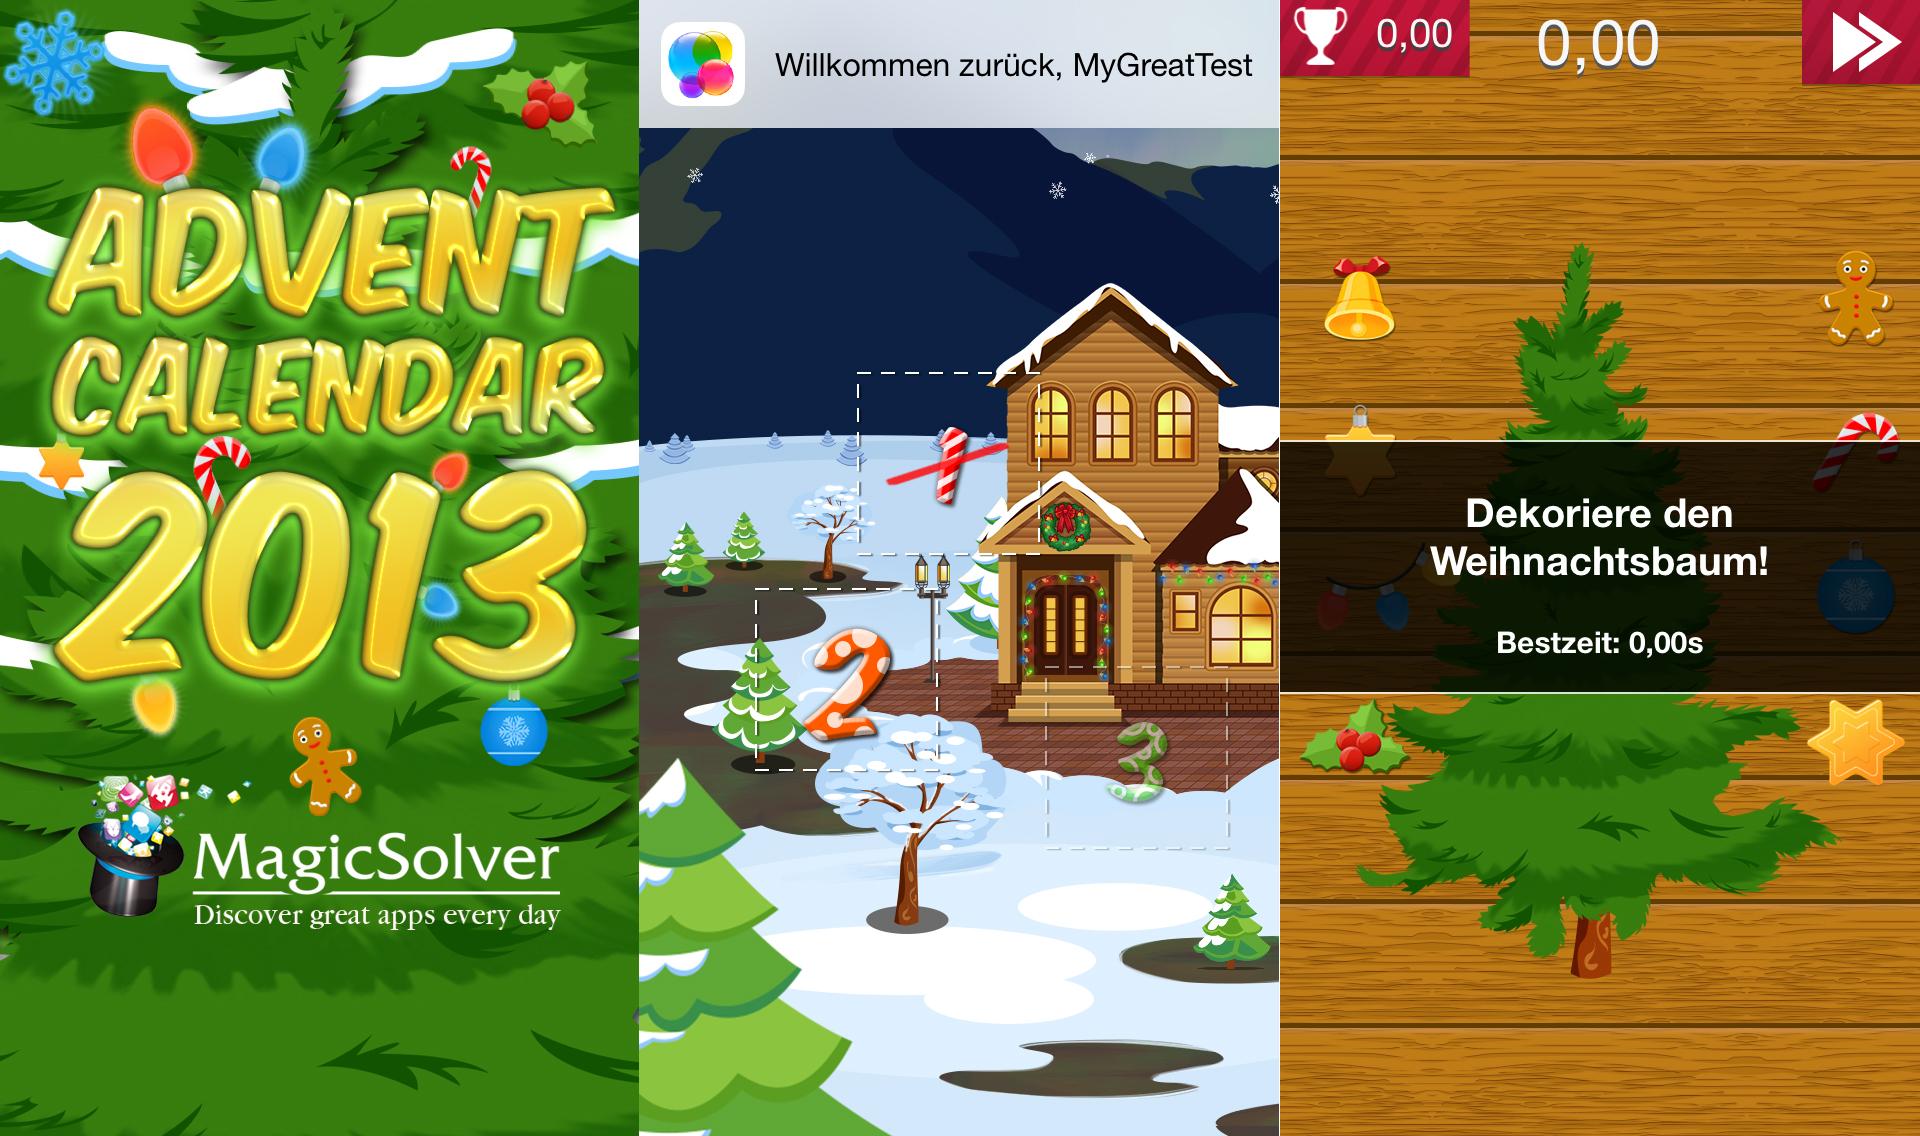 Adventskalender 2013 - Review von Hack4Life - Review - App - kostenlos - download - appstore - MyGreatTest - GameCenter